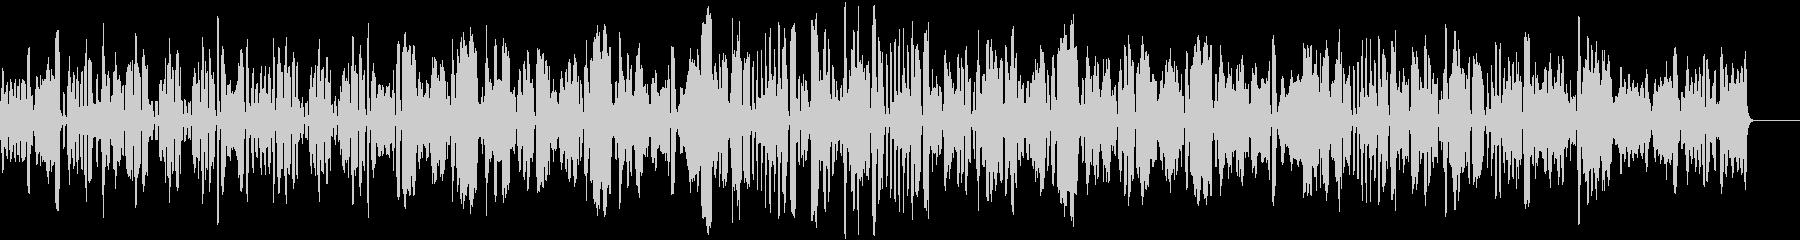 軽快なブルースのリコーダー曲の未再生の波形